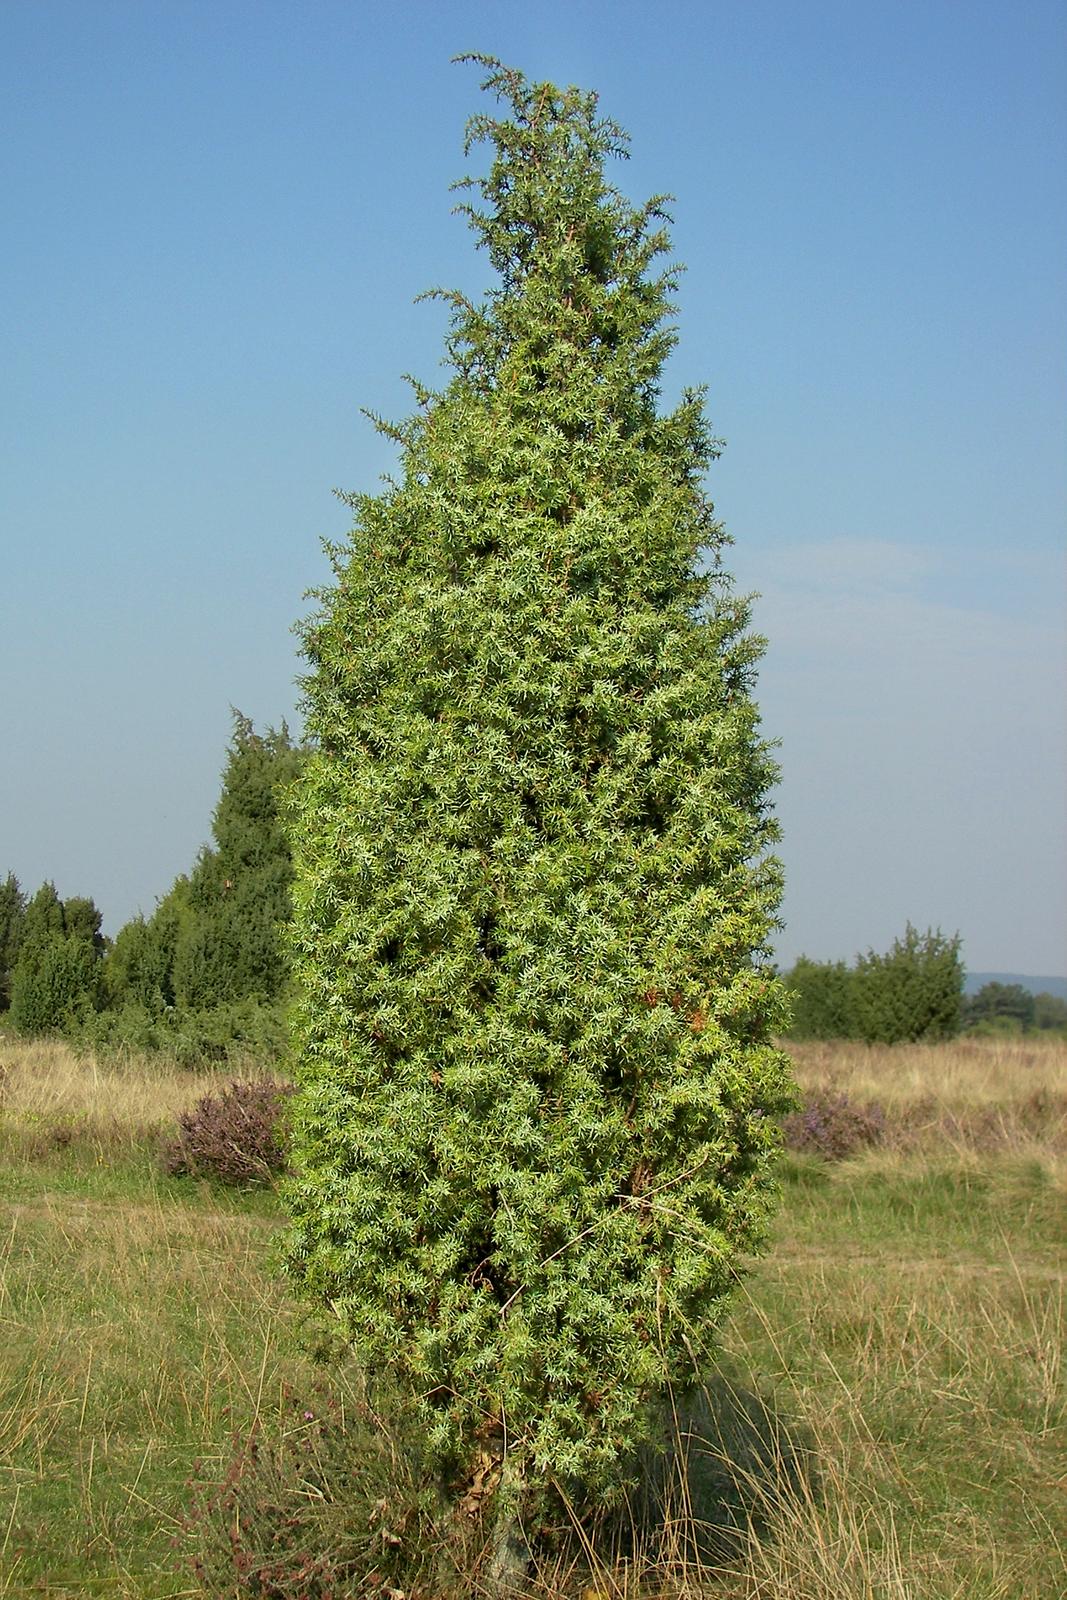 Zdjęcie przedstawia jałowiec. Roślina jest krzewem ojajowatym kształcie.